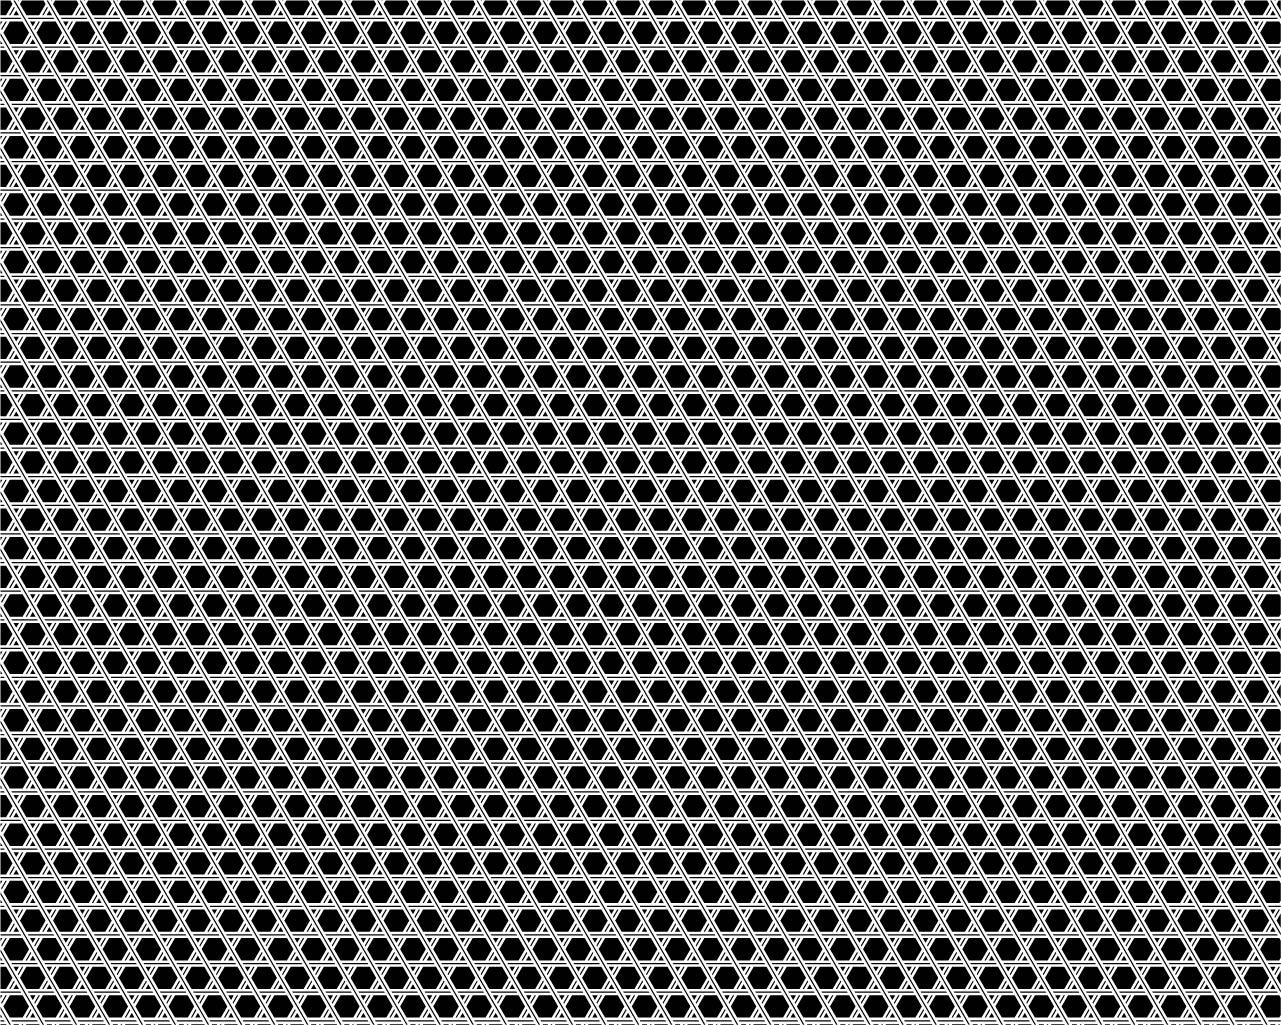 籠目の図案の例(和柄商用フリー素材【wagara pattern】(https://japanese-pattern.info/)より)